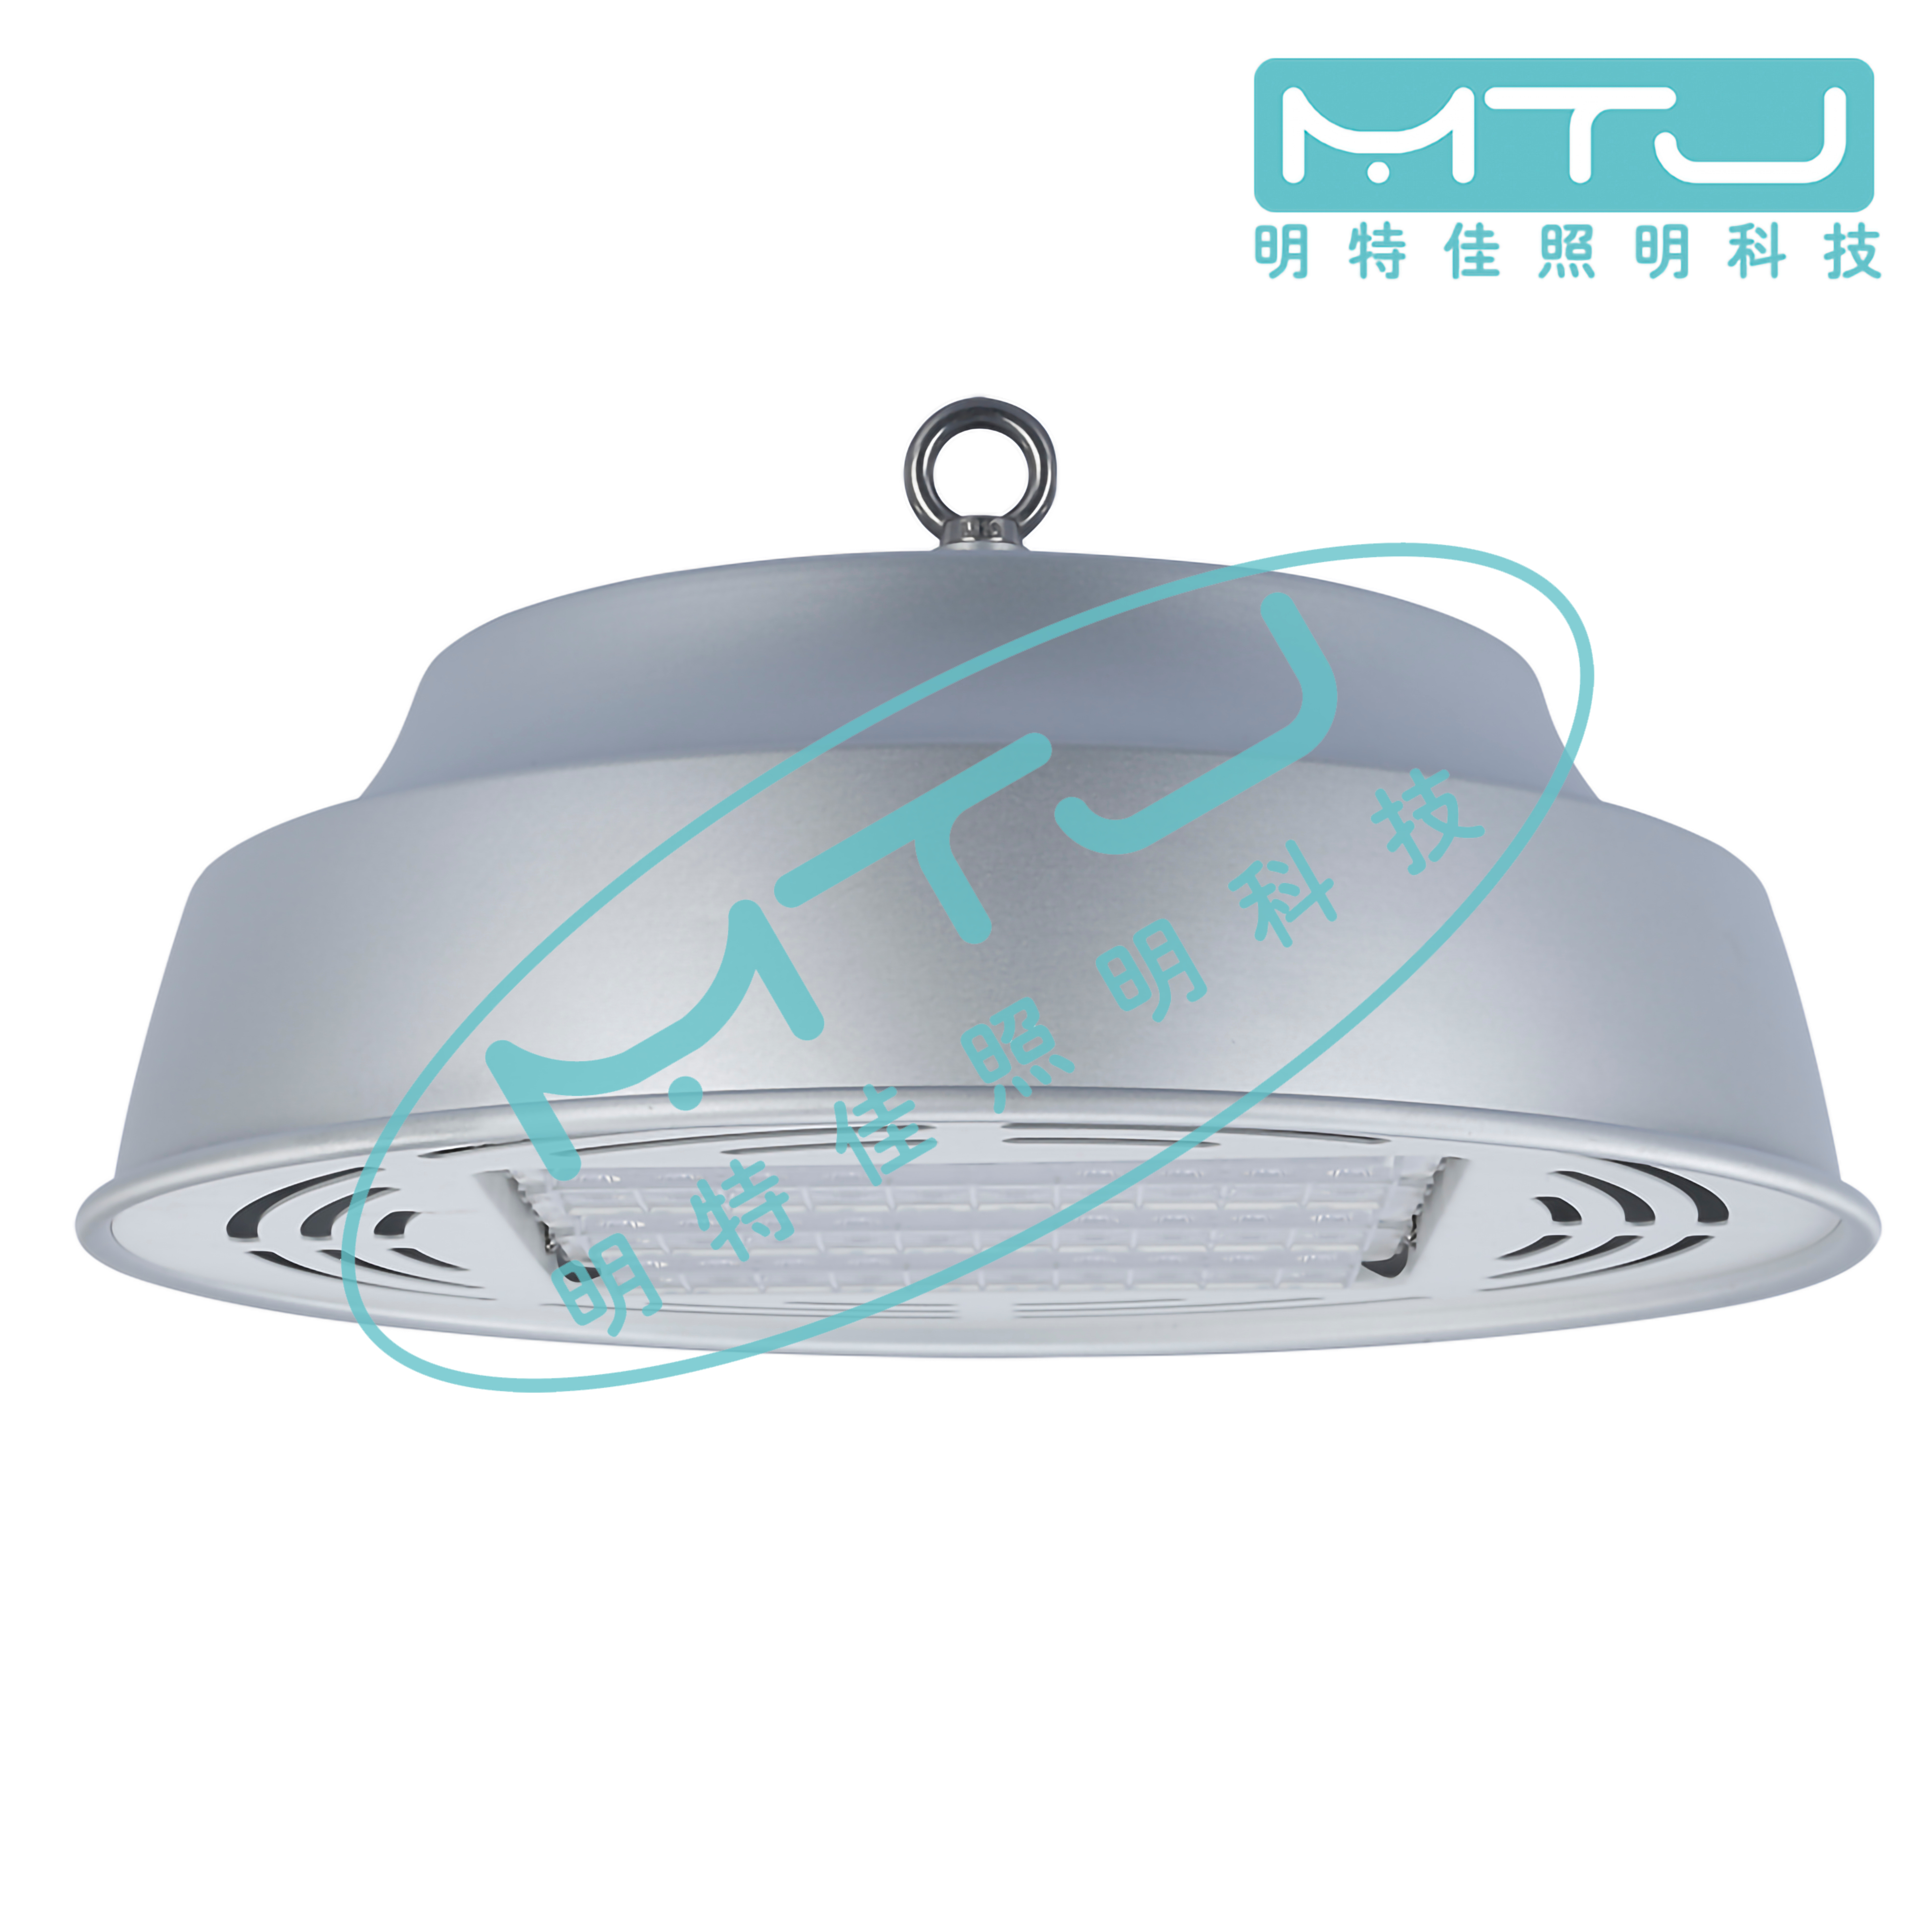 ZGD 9102 LED高顶灯